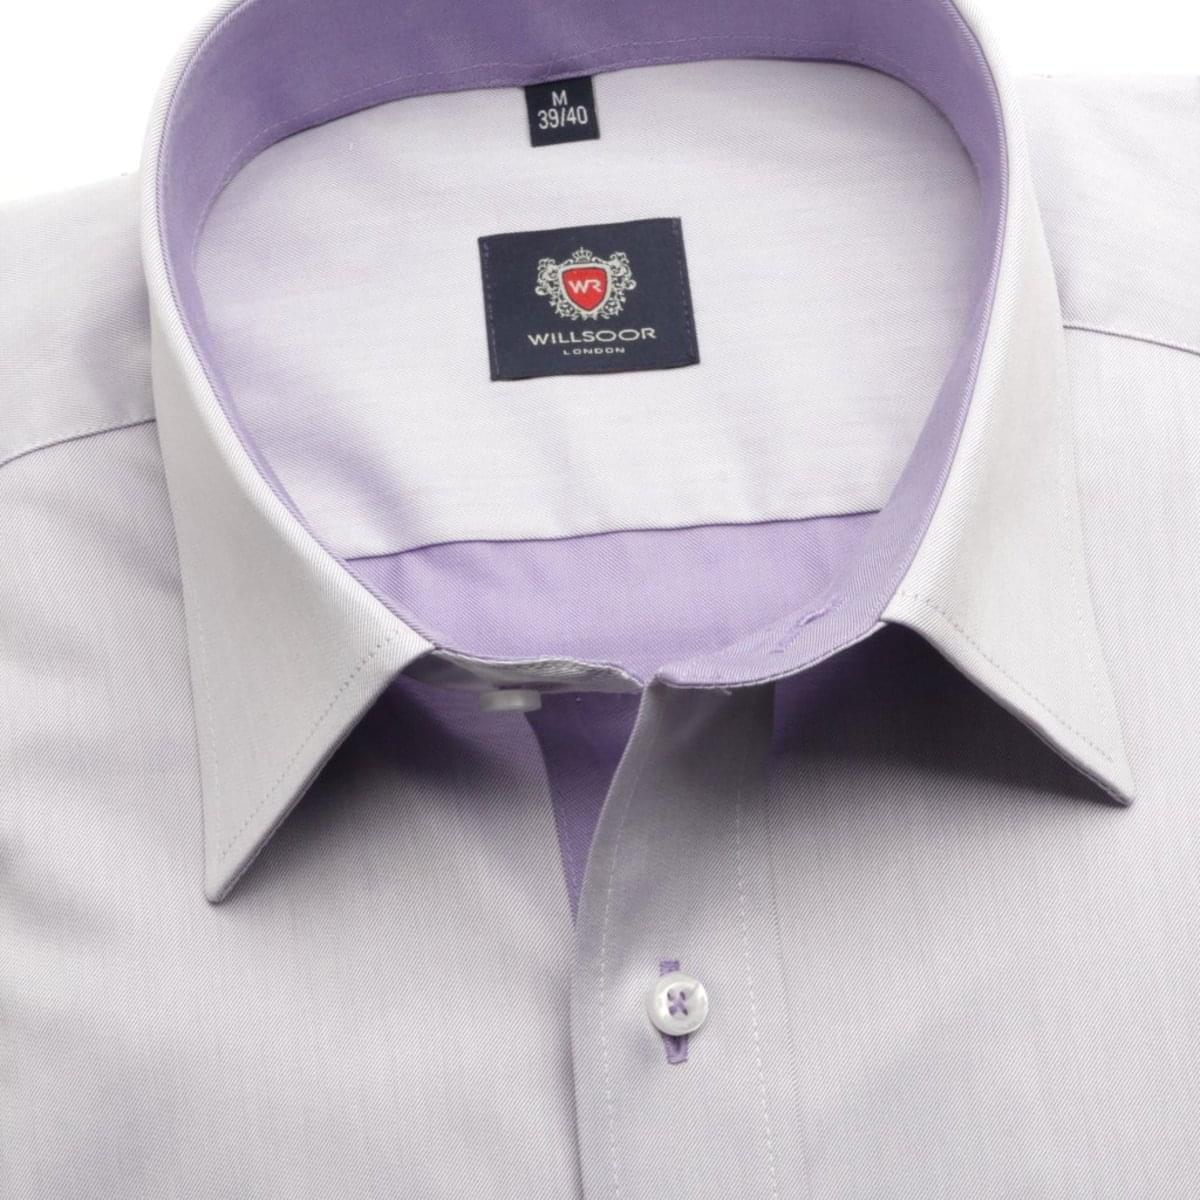 Pánská klasická košile London (výška 188-194) 5959 ve fialkové barvě s formulí Easy Care 188-194 / XL (43/44)